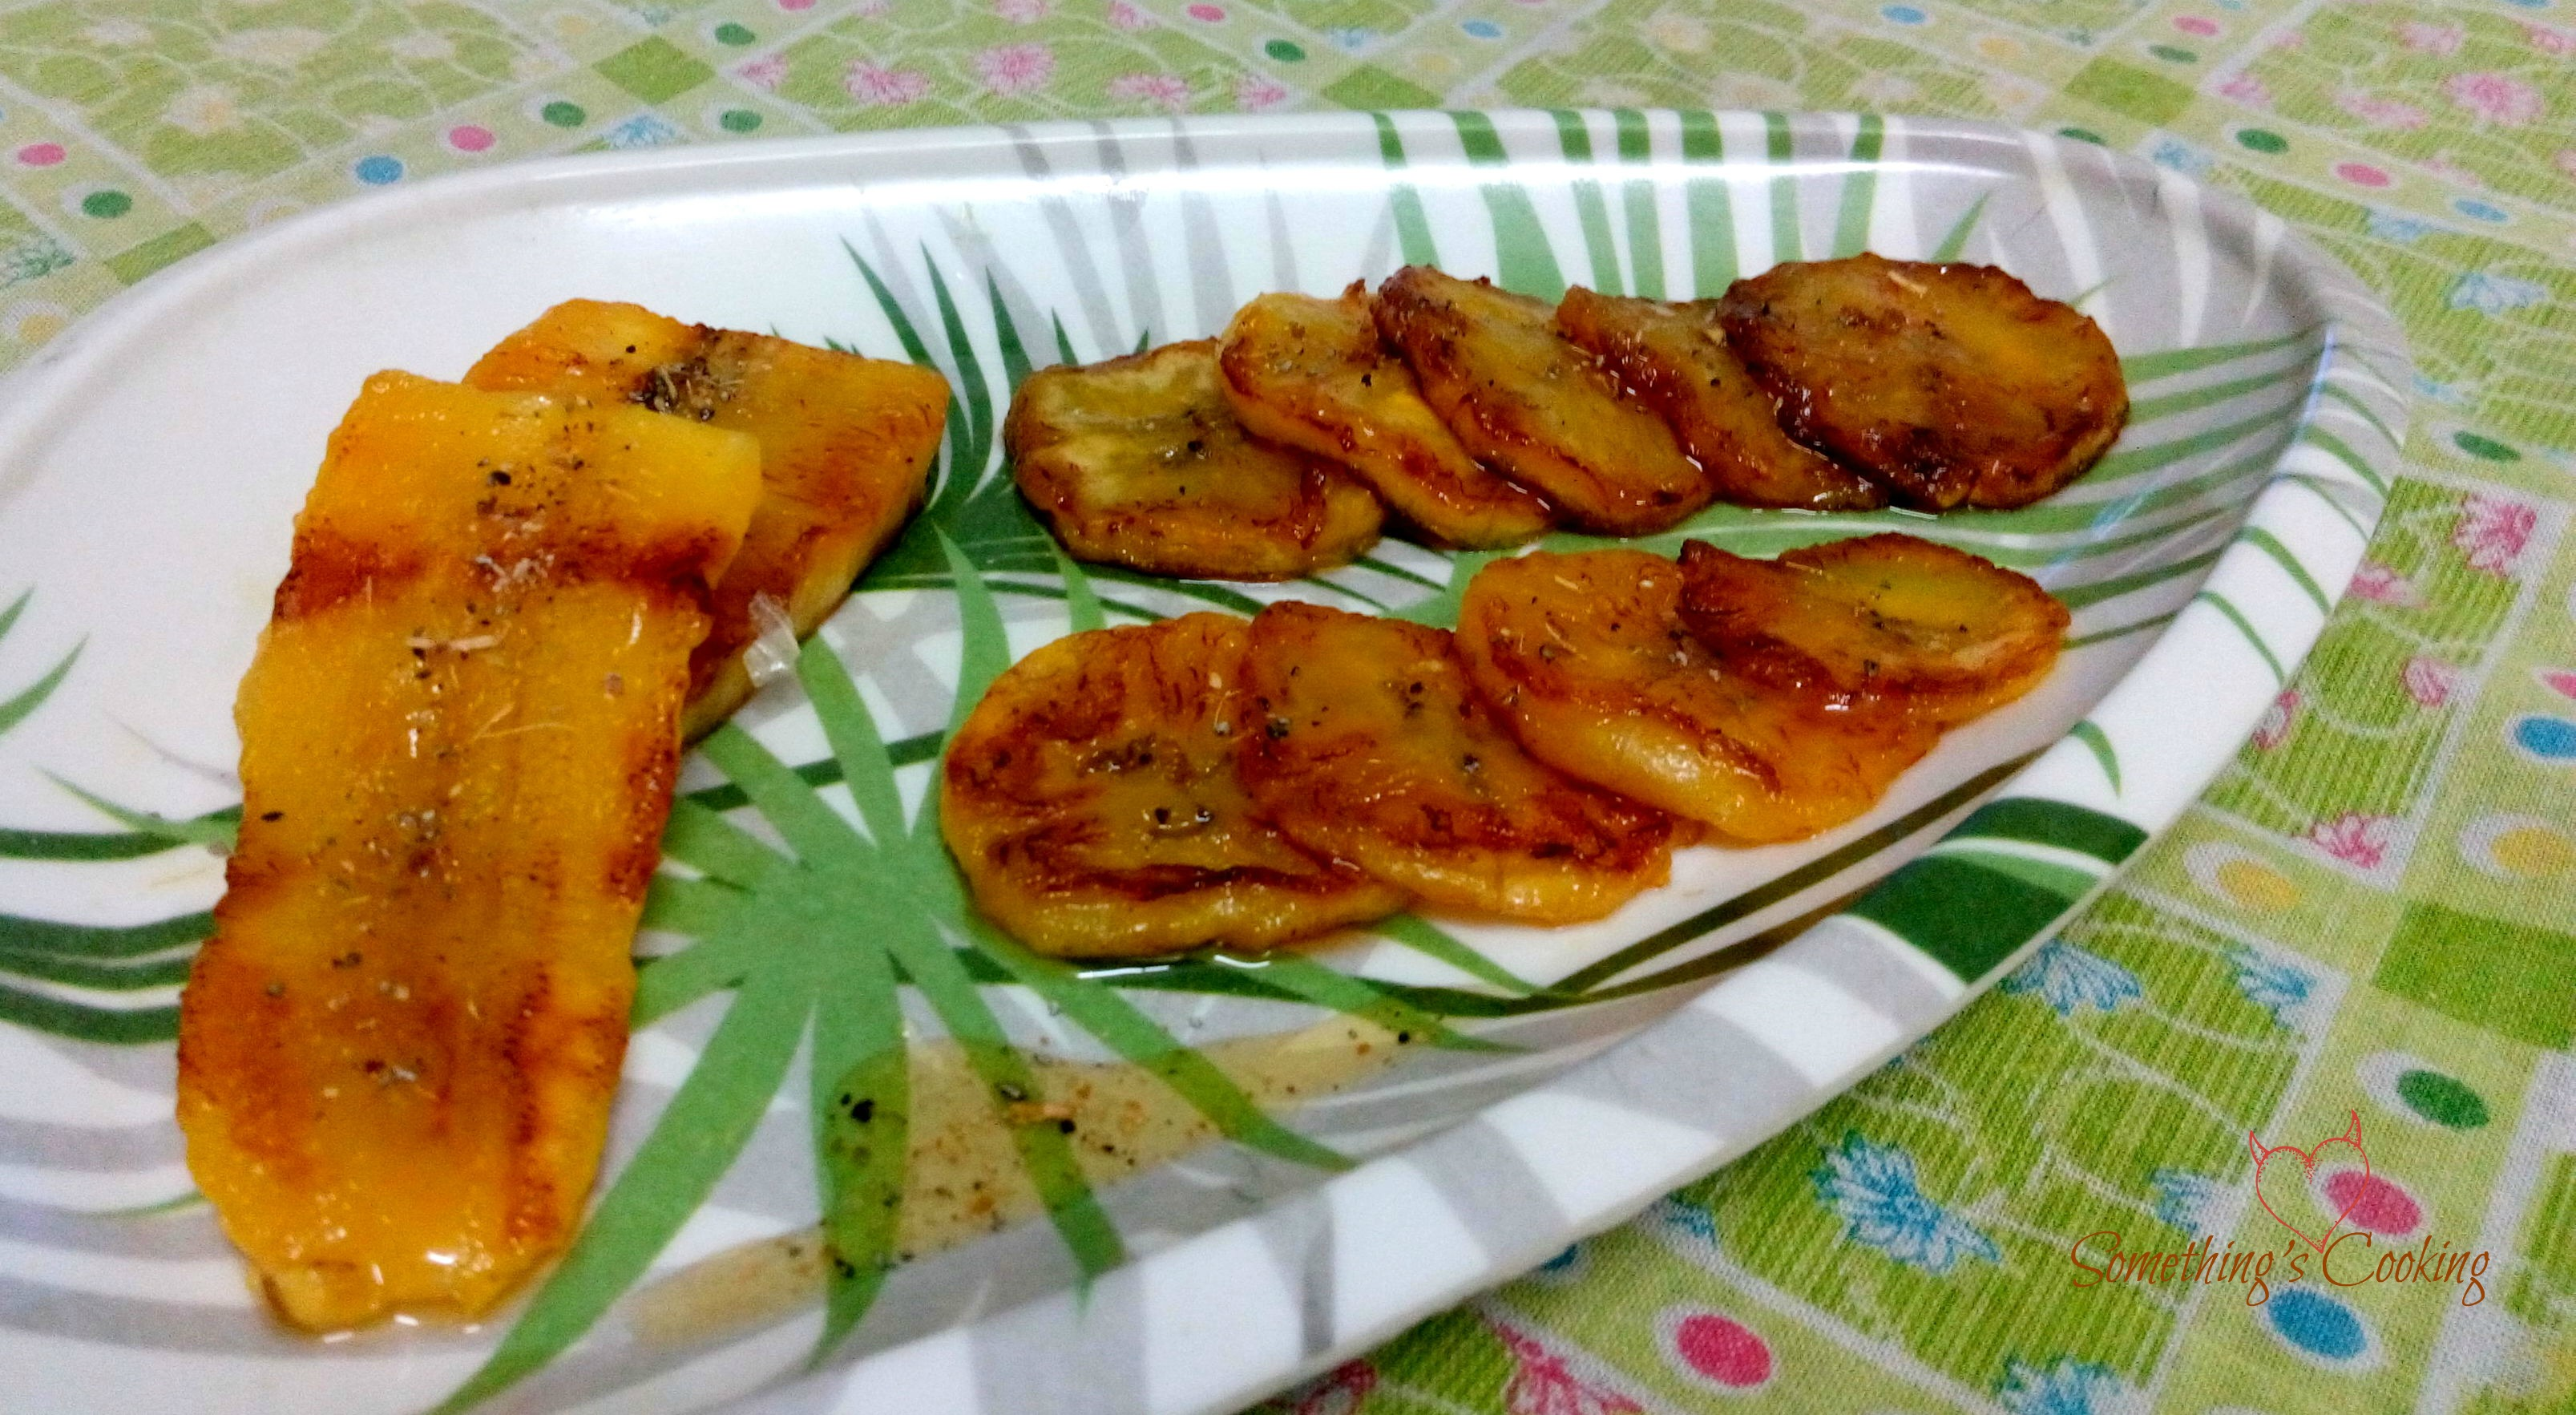 Honey Glazed Bananas2